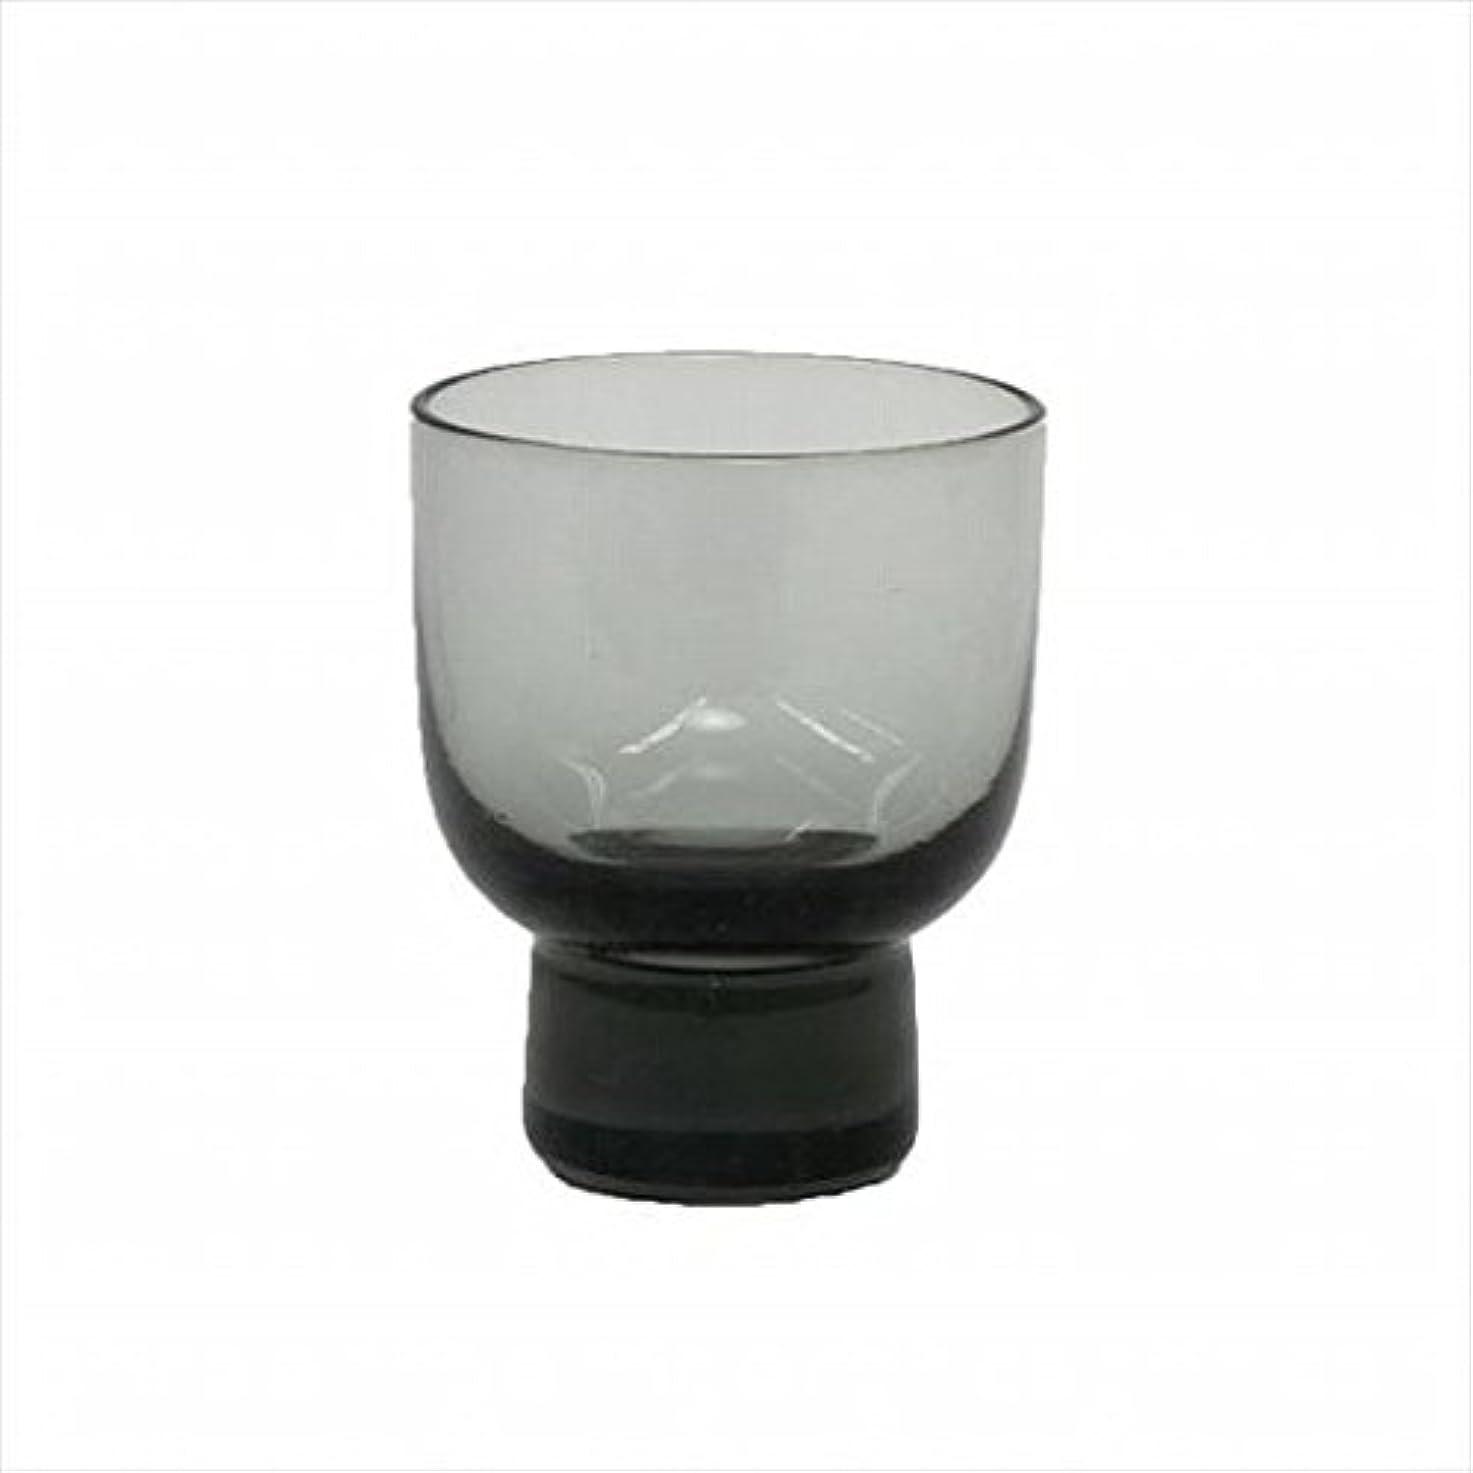 素晴らしい良い多くの忍耐ディスコkameyama candle(カメヤマキャンドル) ロキカップ 「 スモーク 」 キャンドル 58x58x70mm (I8236100SM)